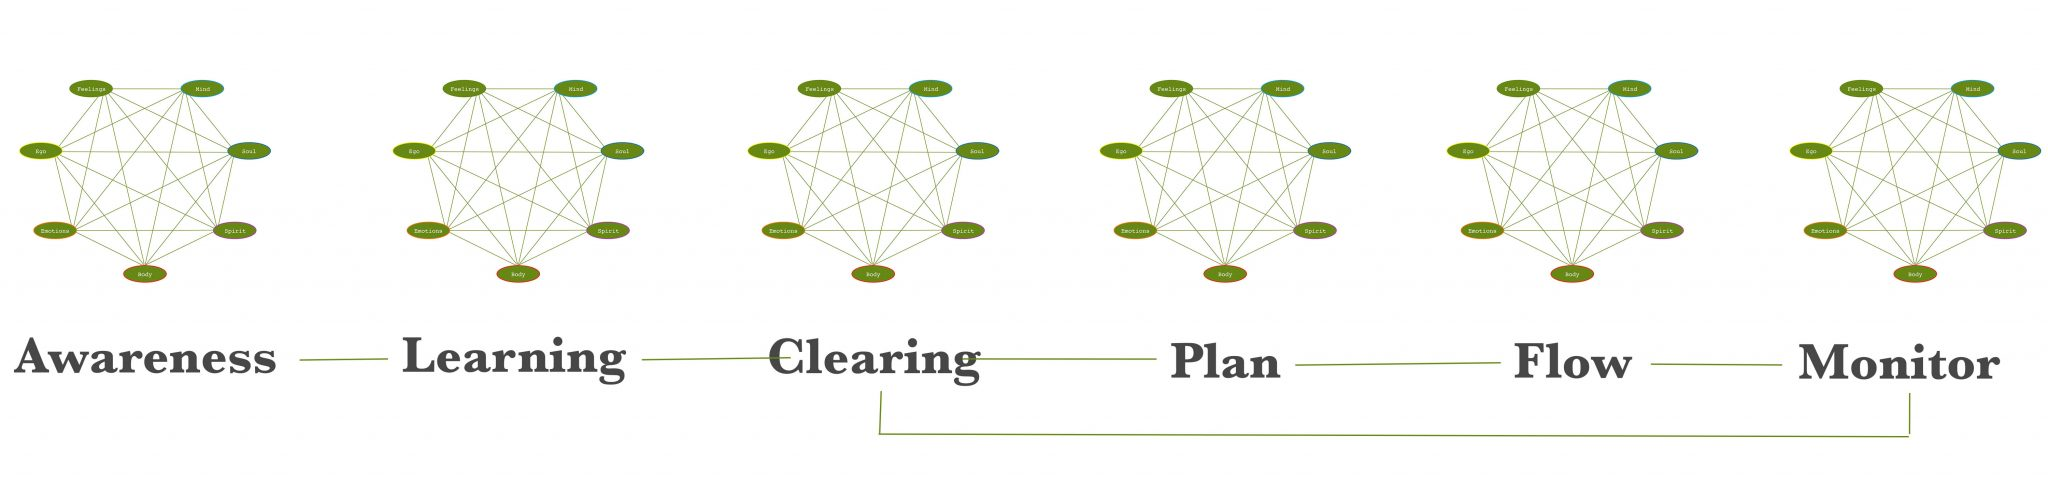 7Qi life coaching process